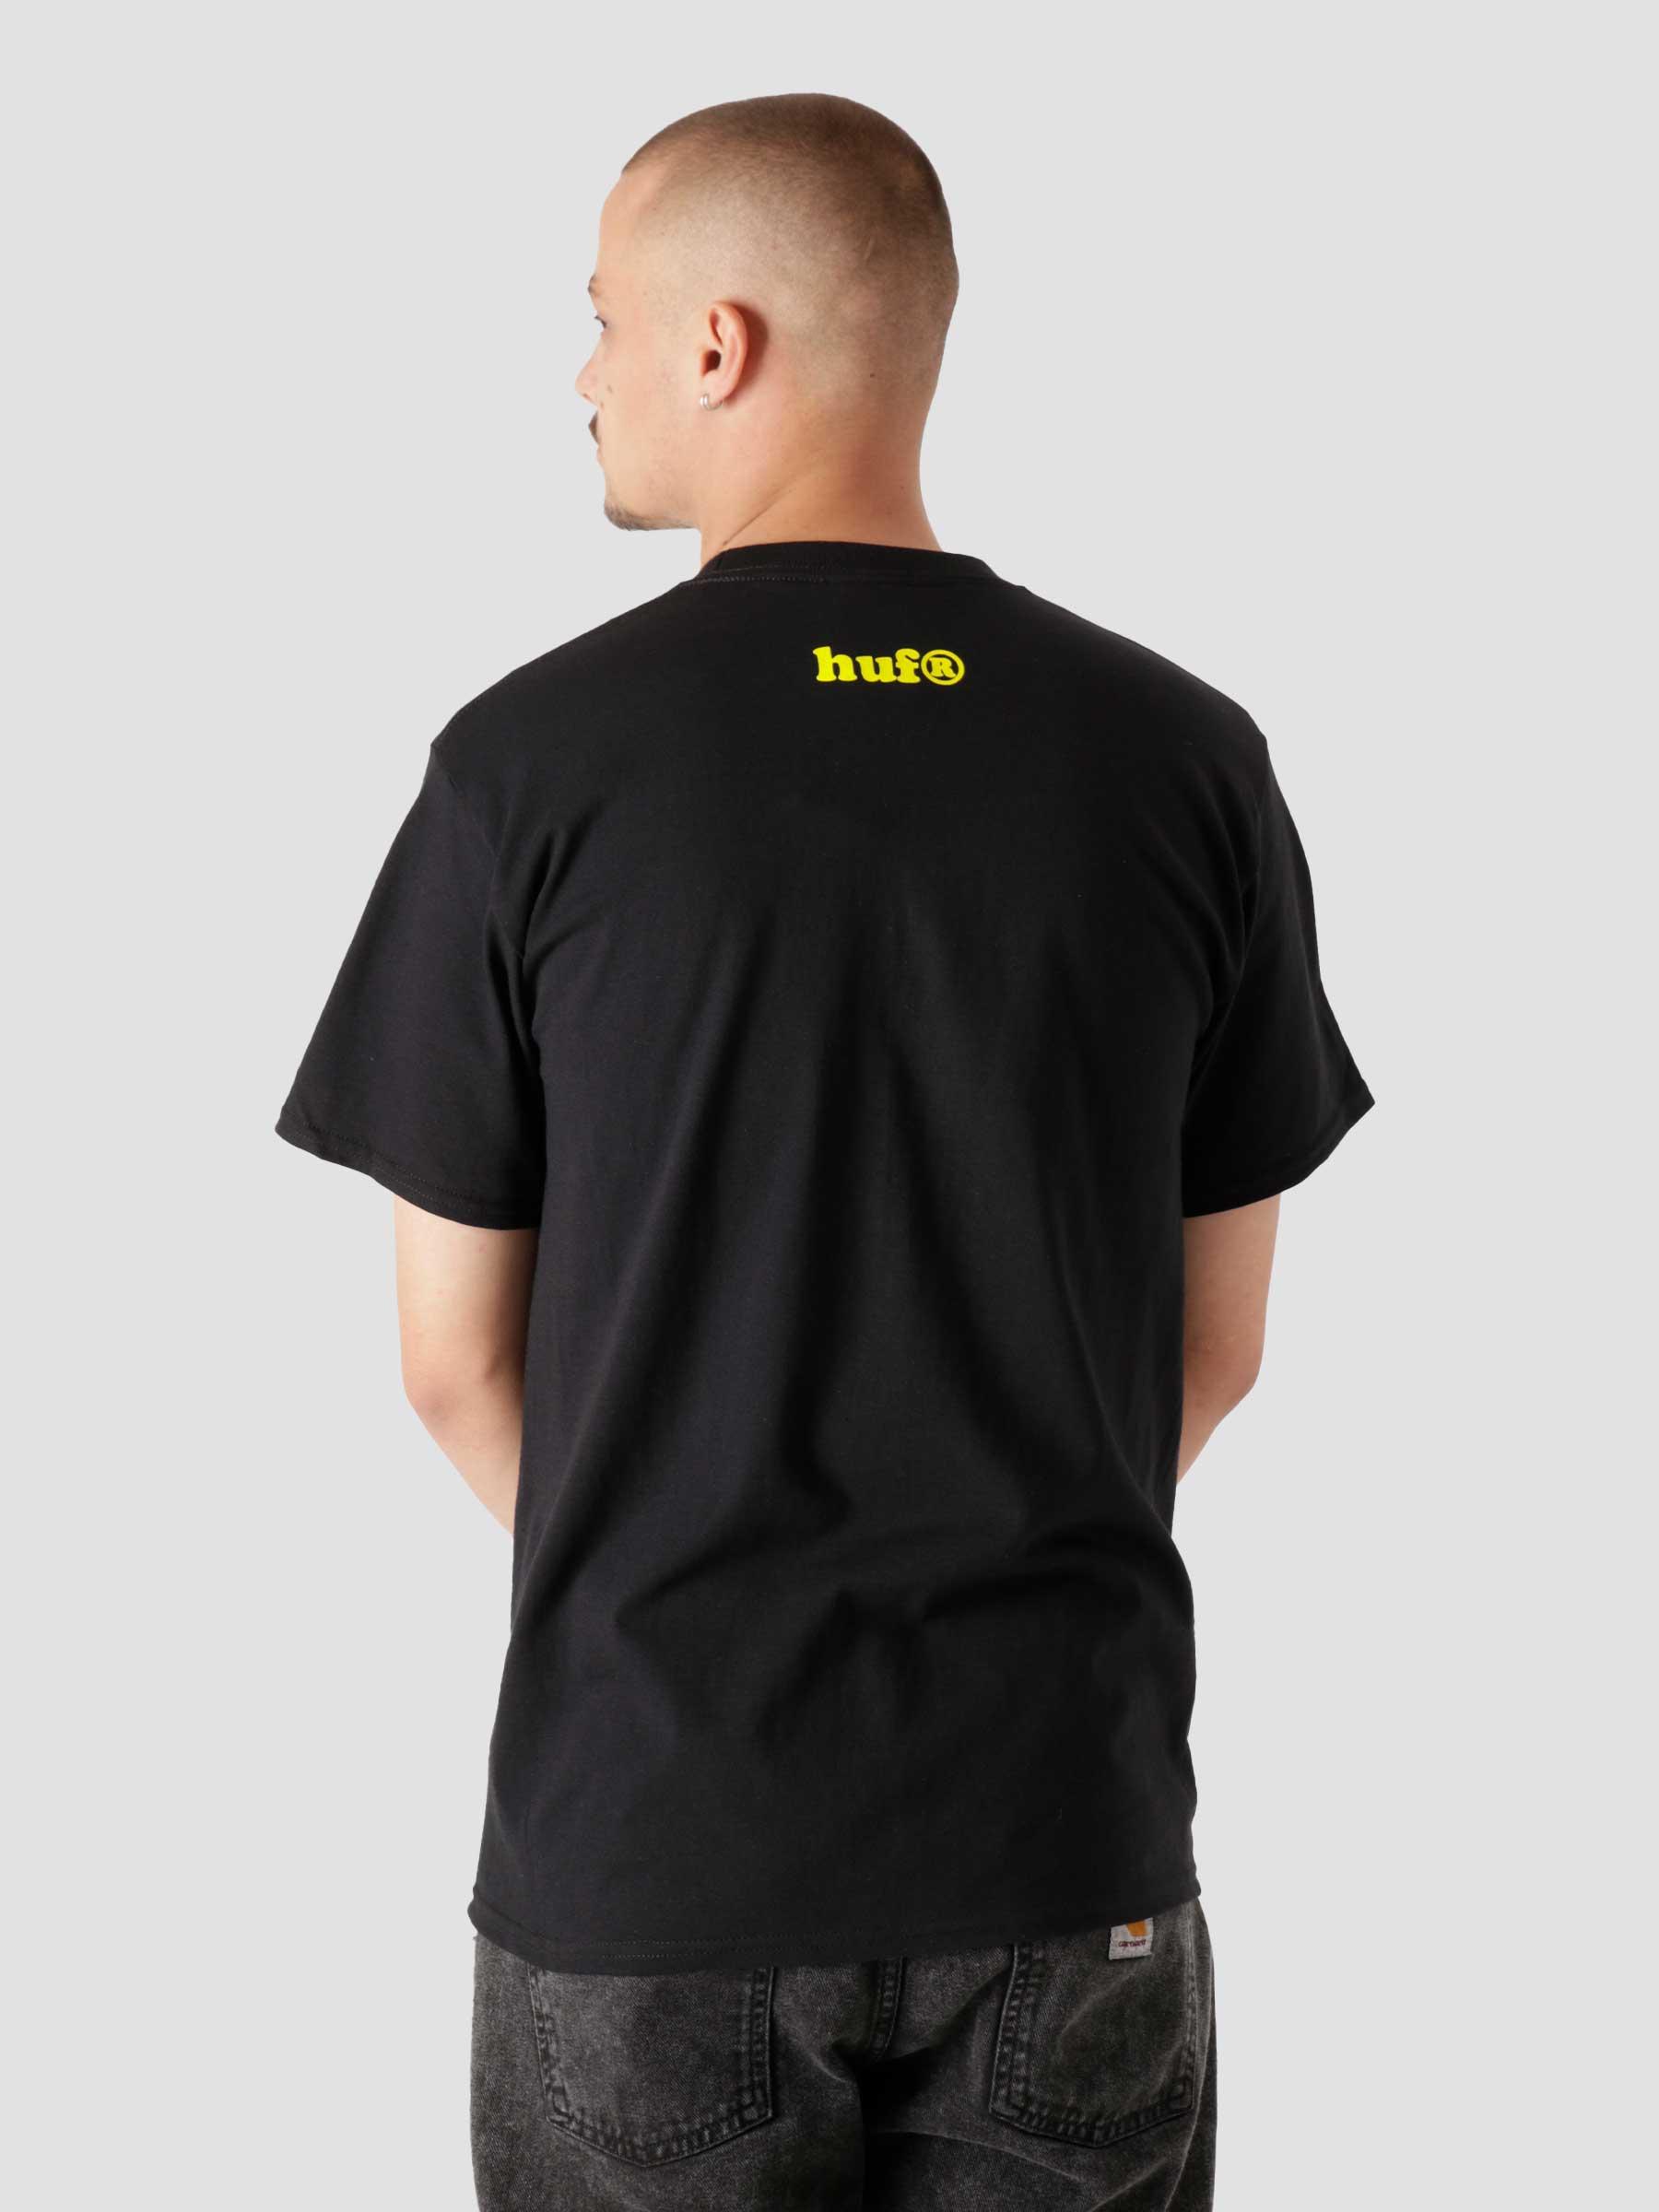 Nug Man S/S Tee Black TS01421